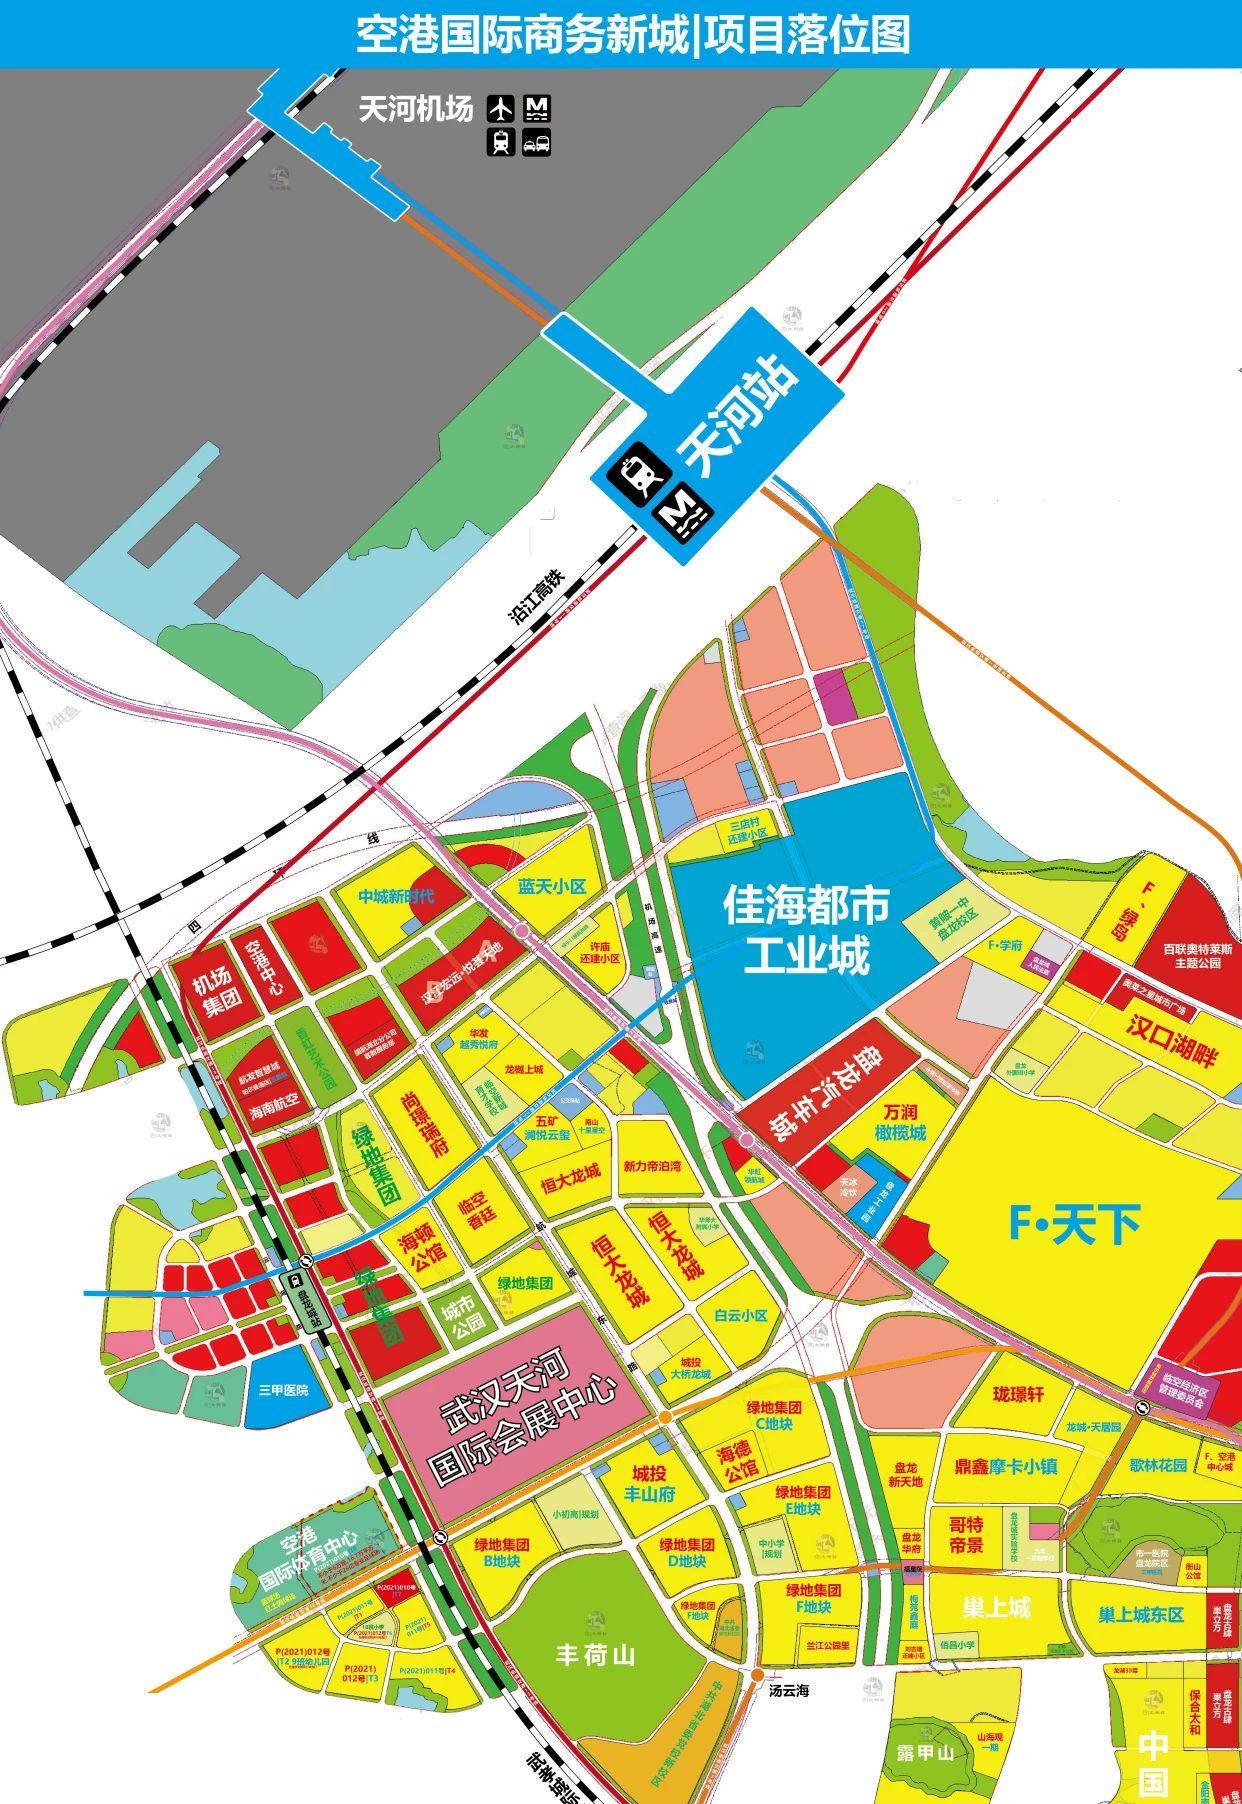 武汉市黄陂区大批拟征地土地用为工业用地,横店、滠口获益较多